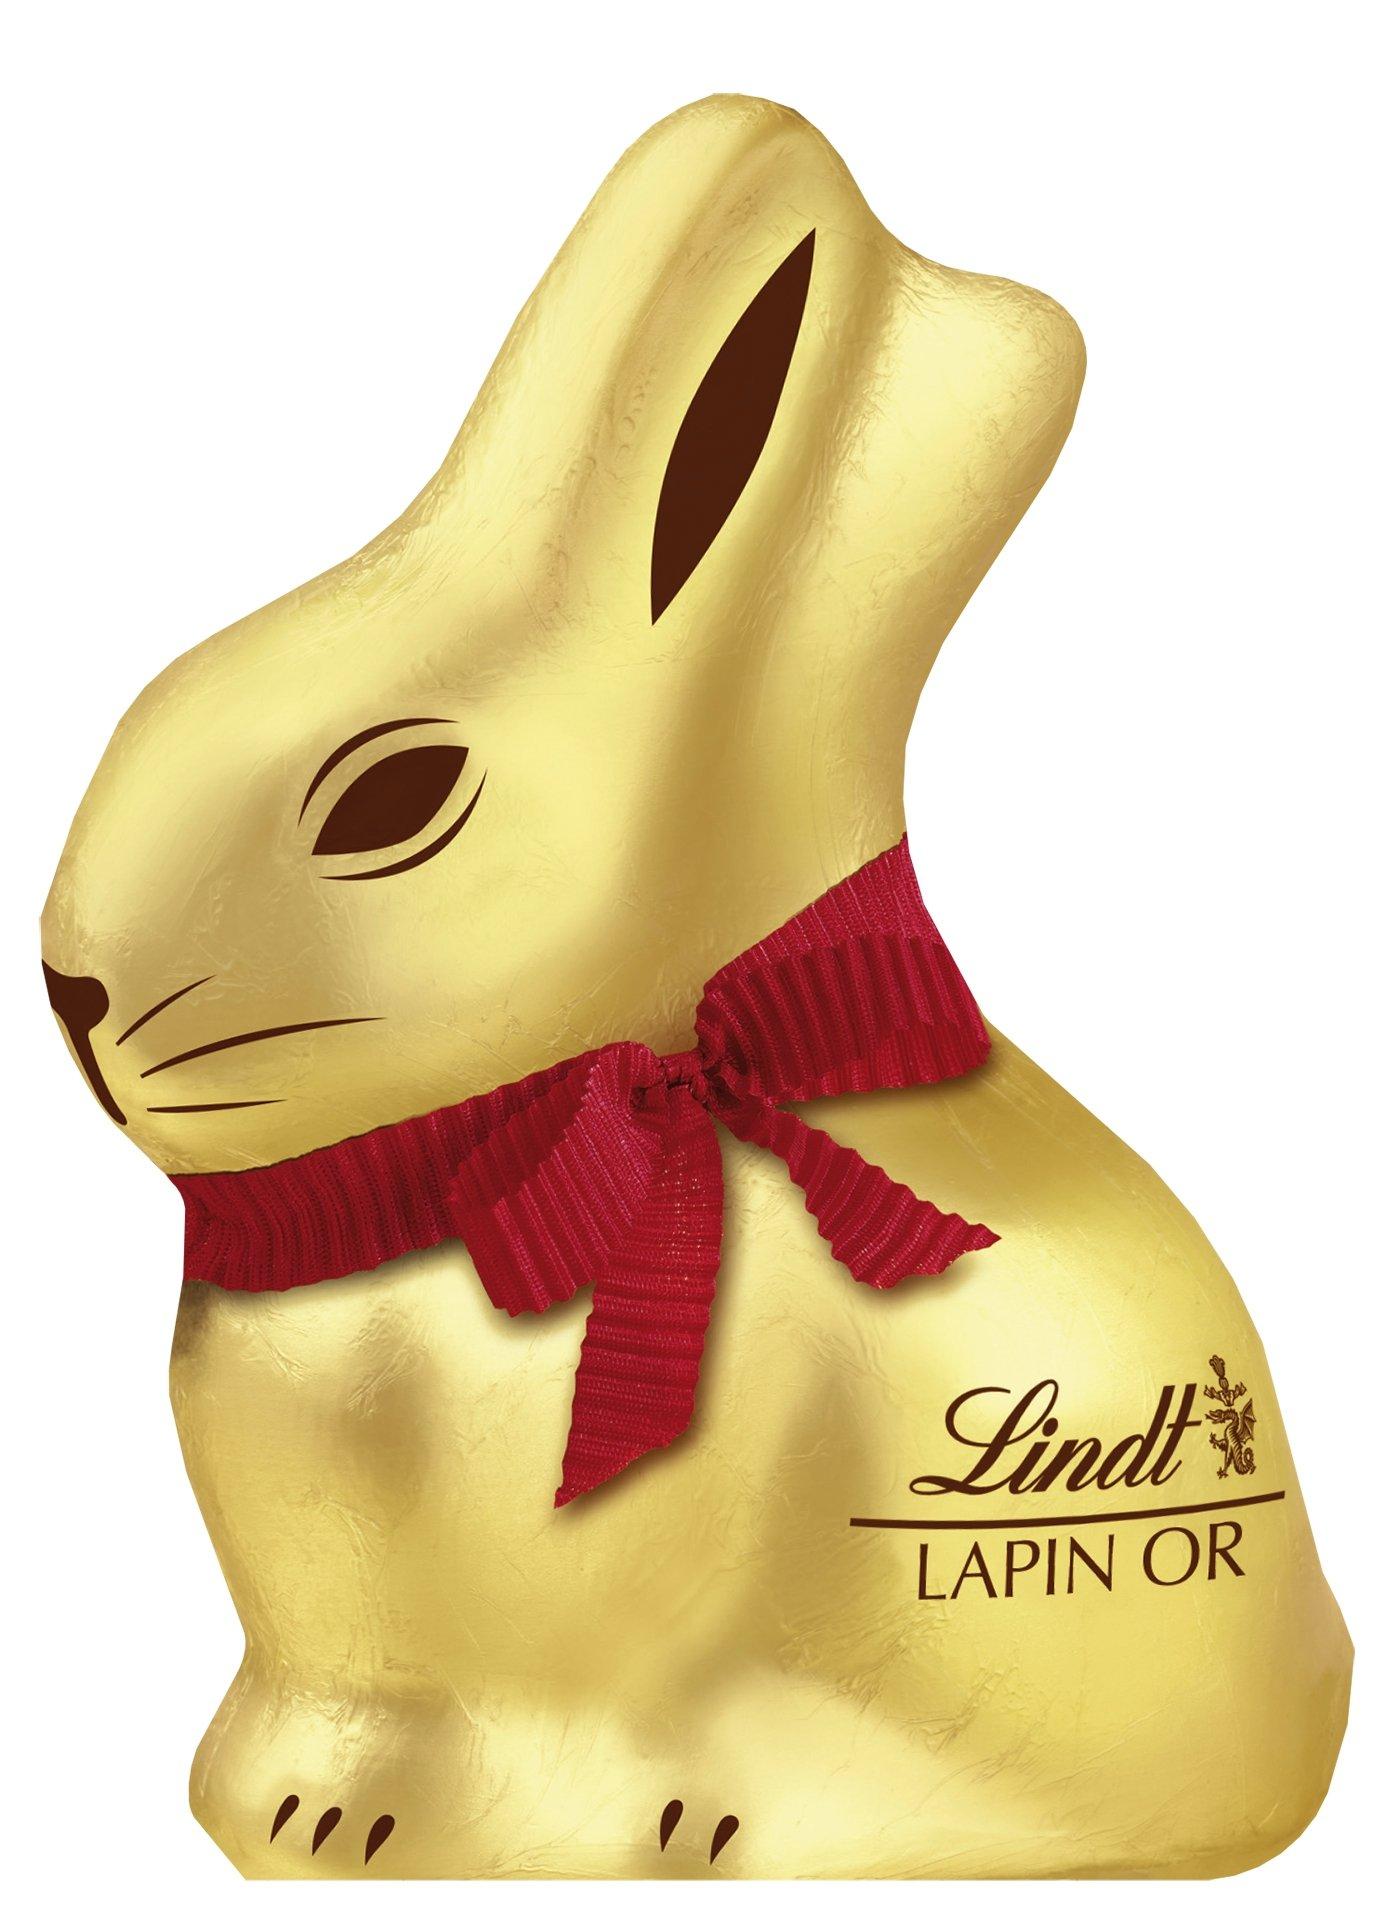 Un lapin or Chocolat Lindt - 50g (100% remboursé)